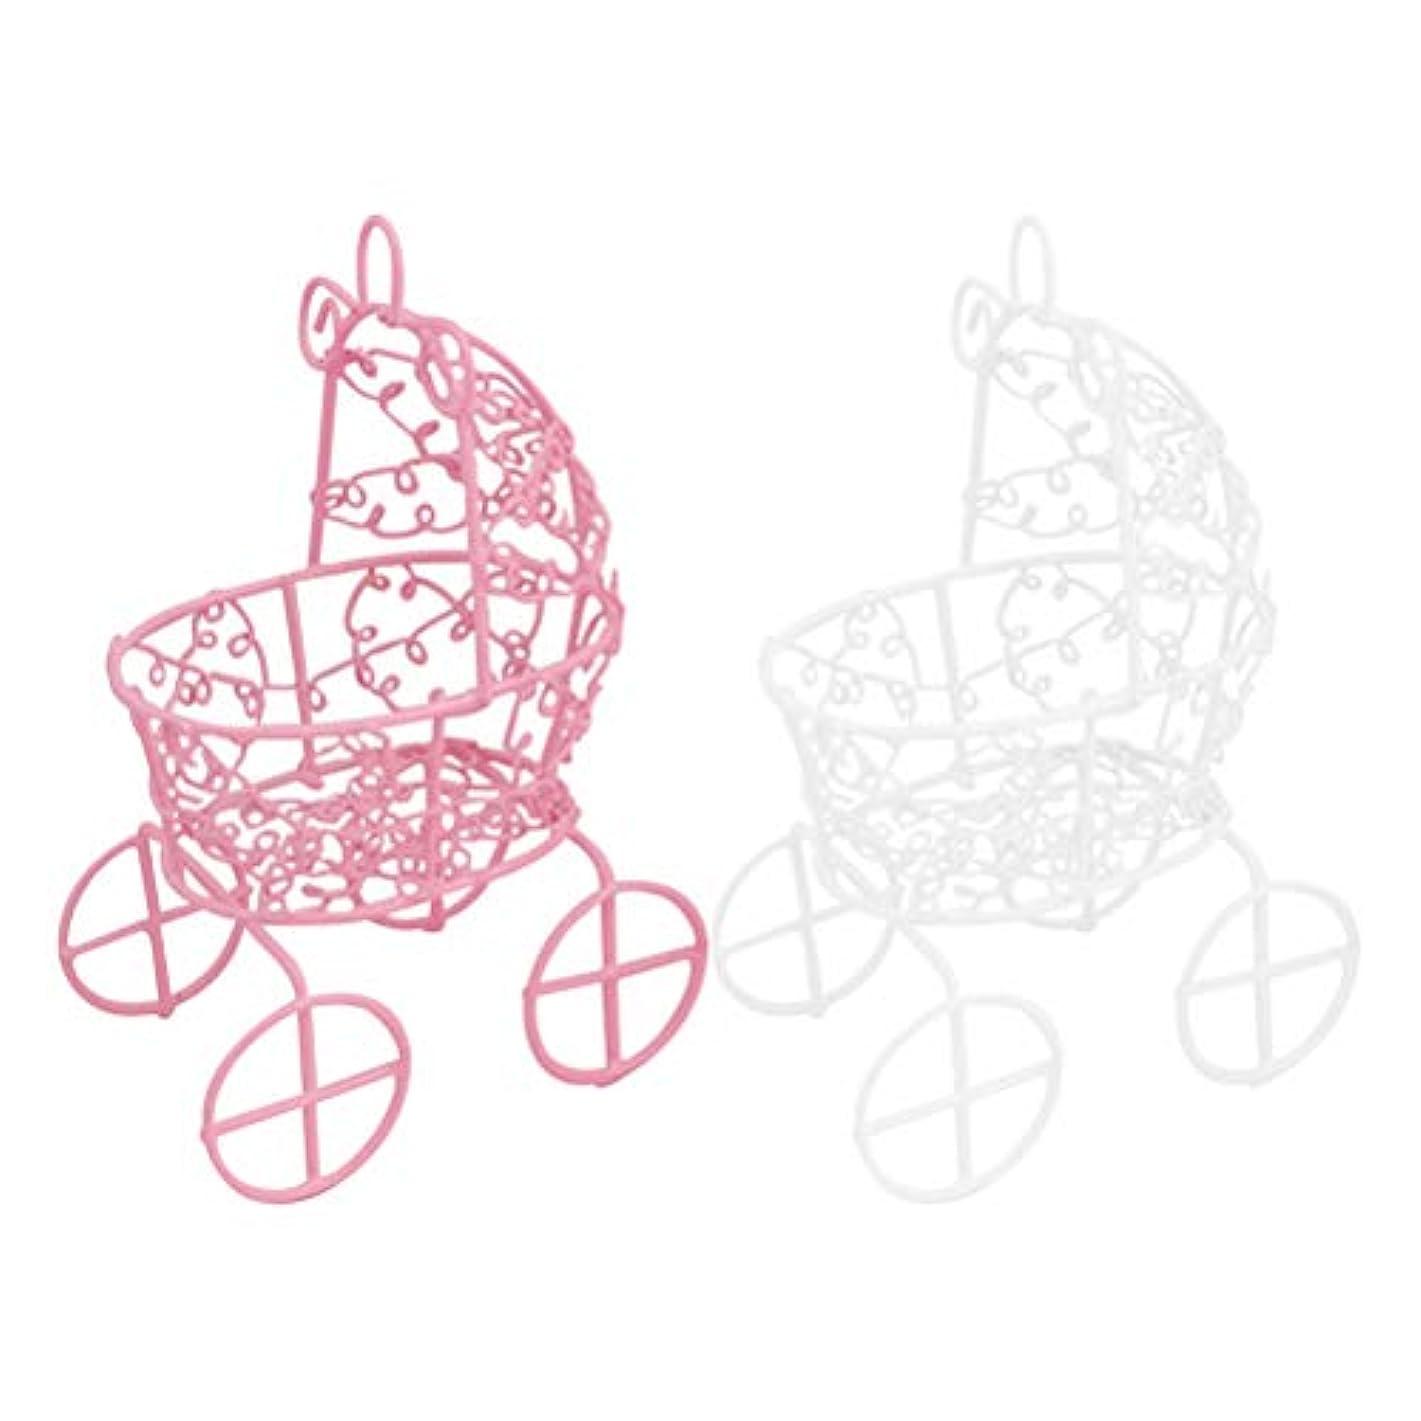 情熱援助修理工Frcolor メイクスポンジスタンド パフホルダー パフ乾燥用スタンド 化粧用パフ收納 カビ防止 小型軽量 2色セット(ピンク+ホワイト)